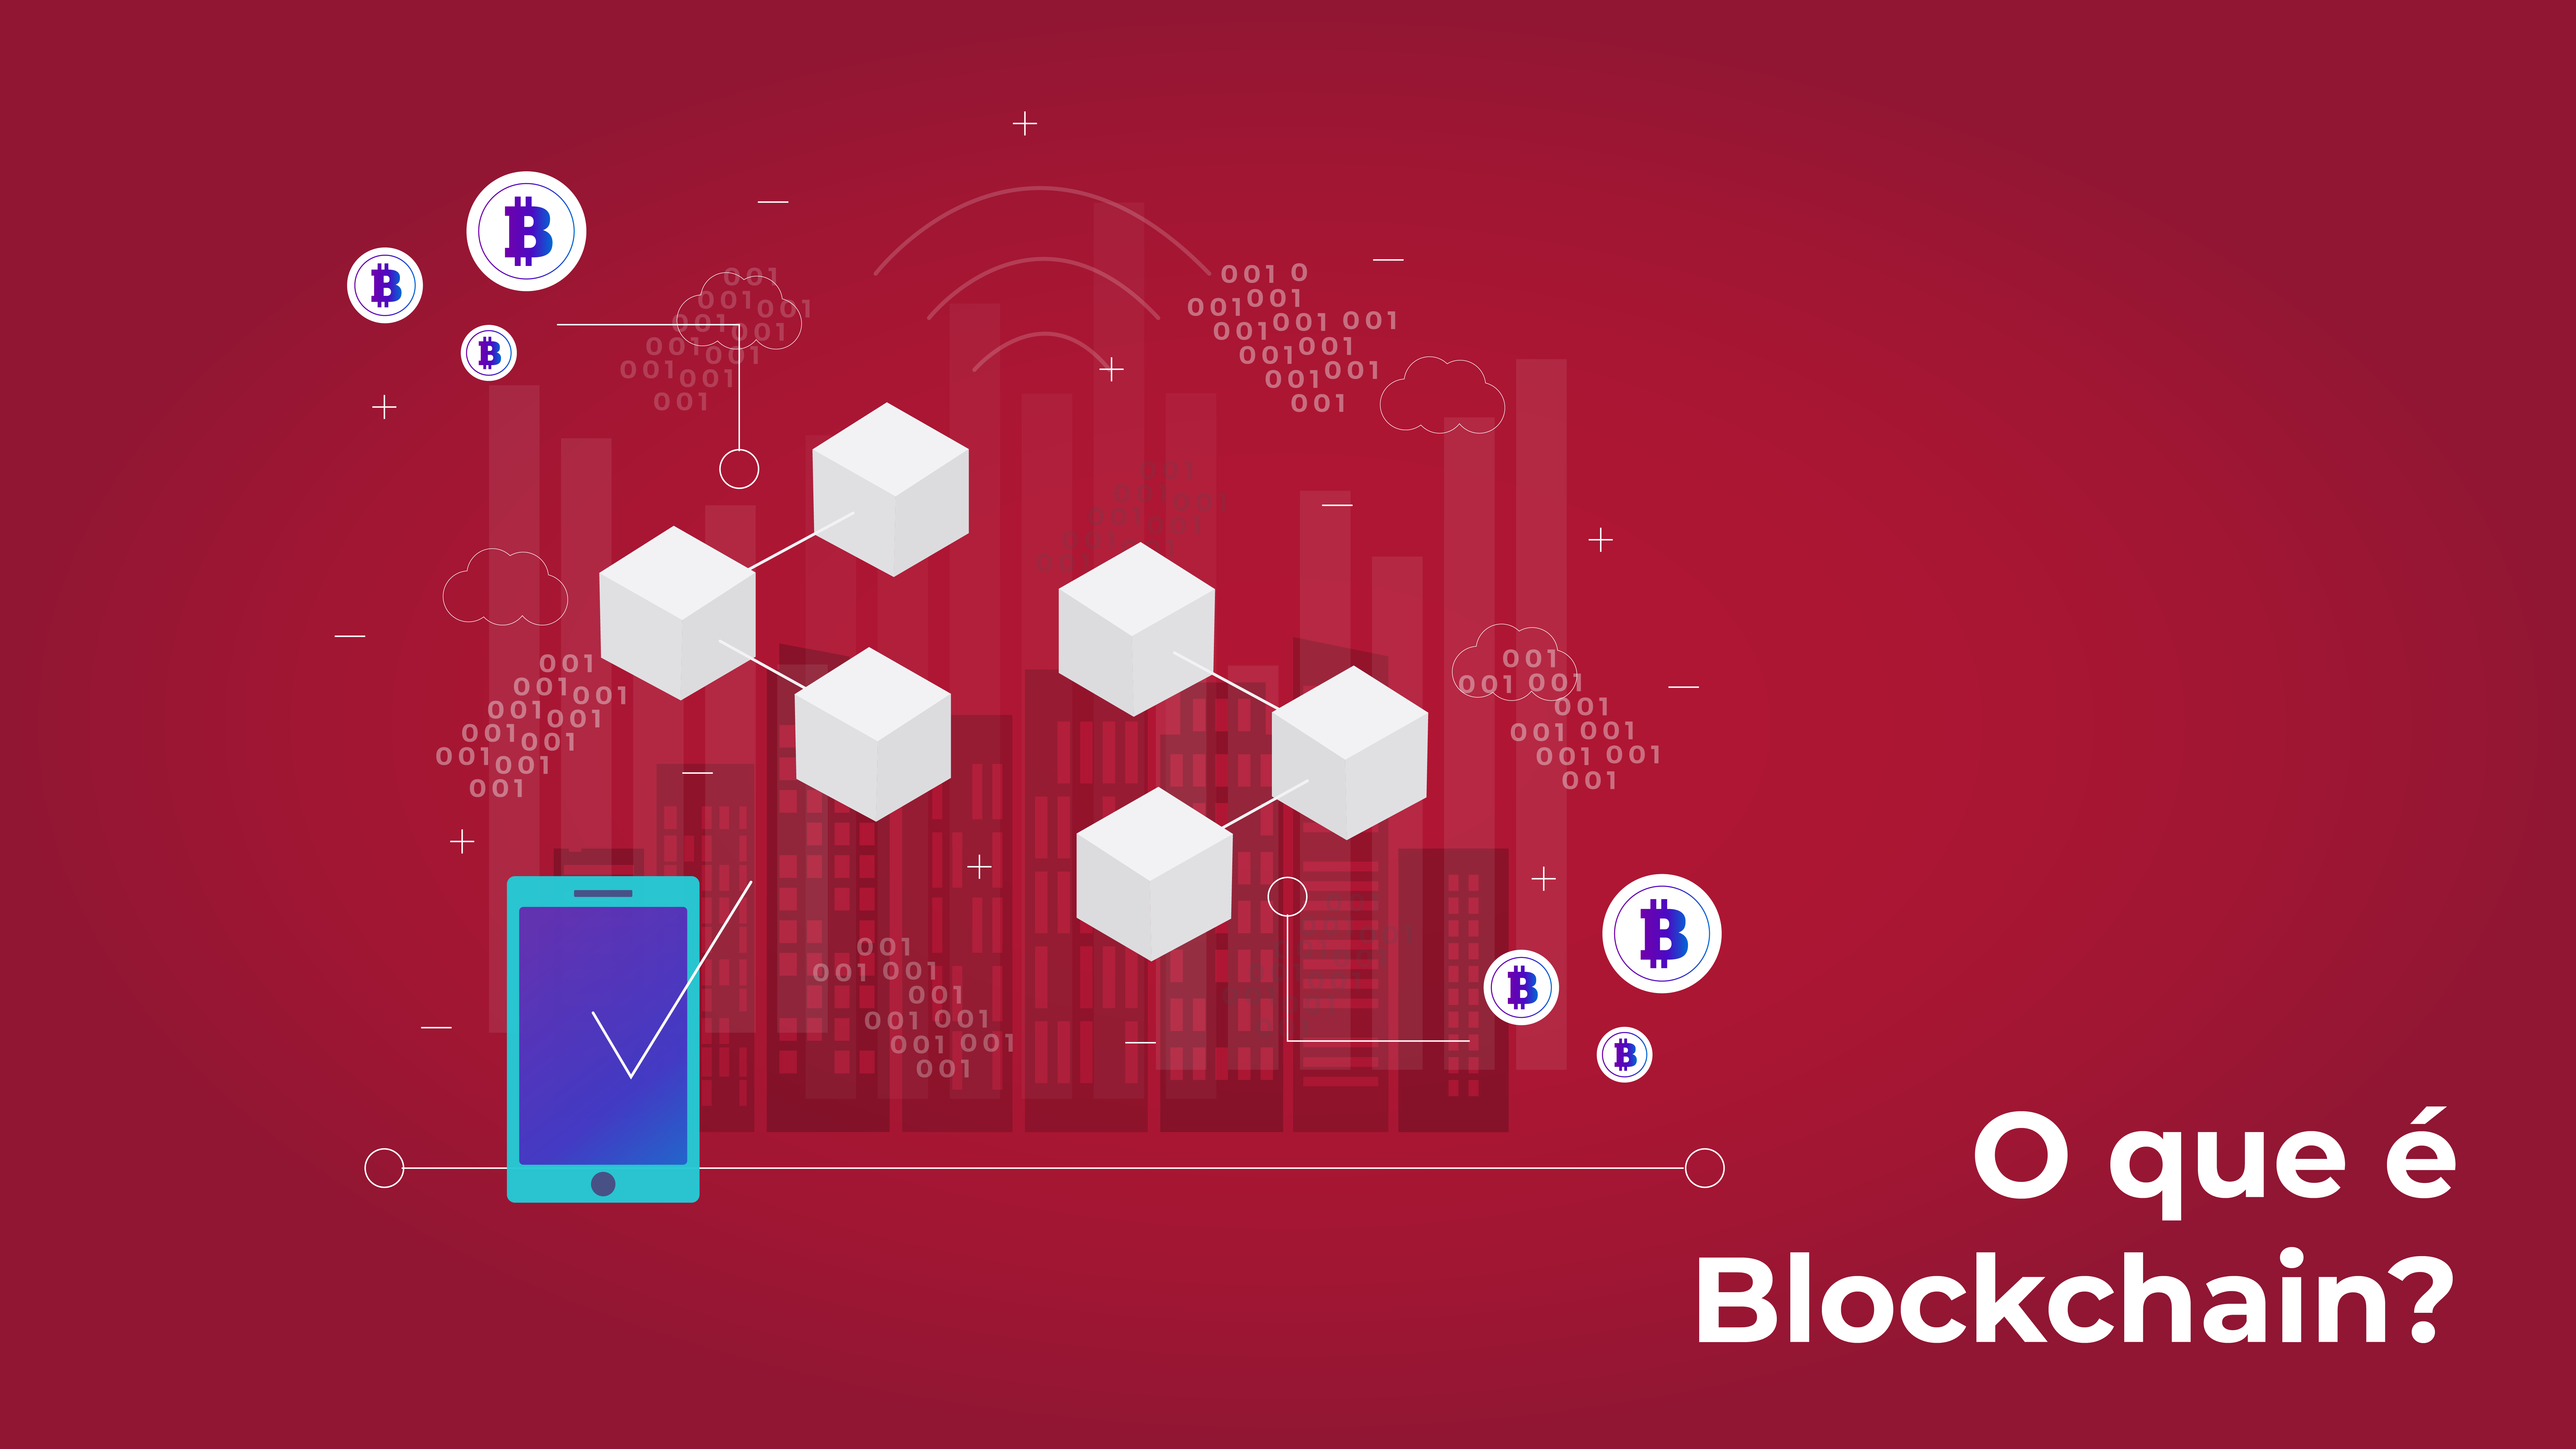 O que é Blockchain e quais são os seus benefícios?